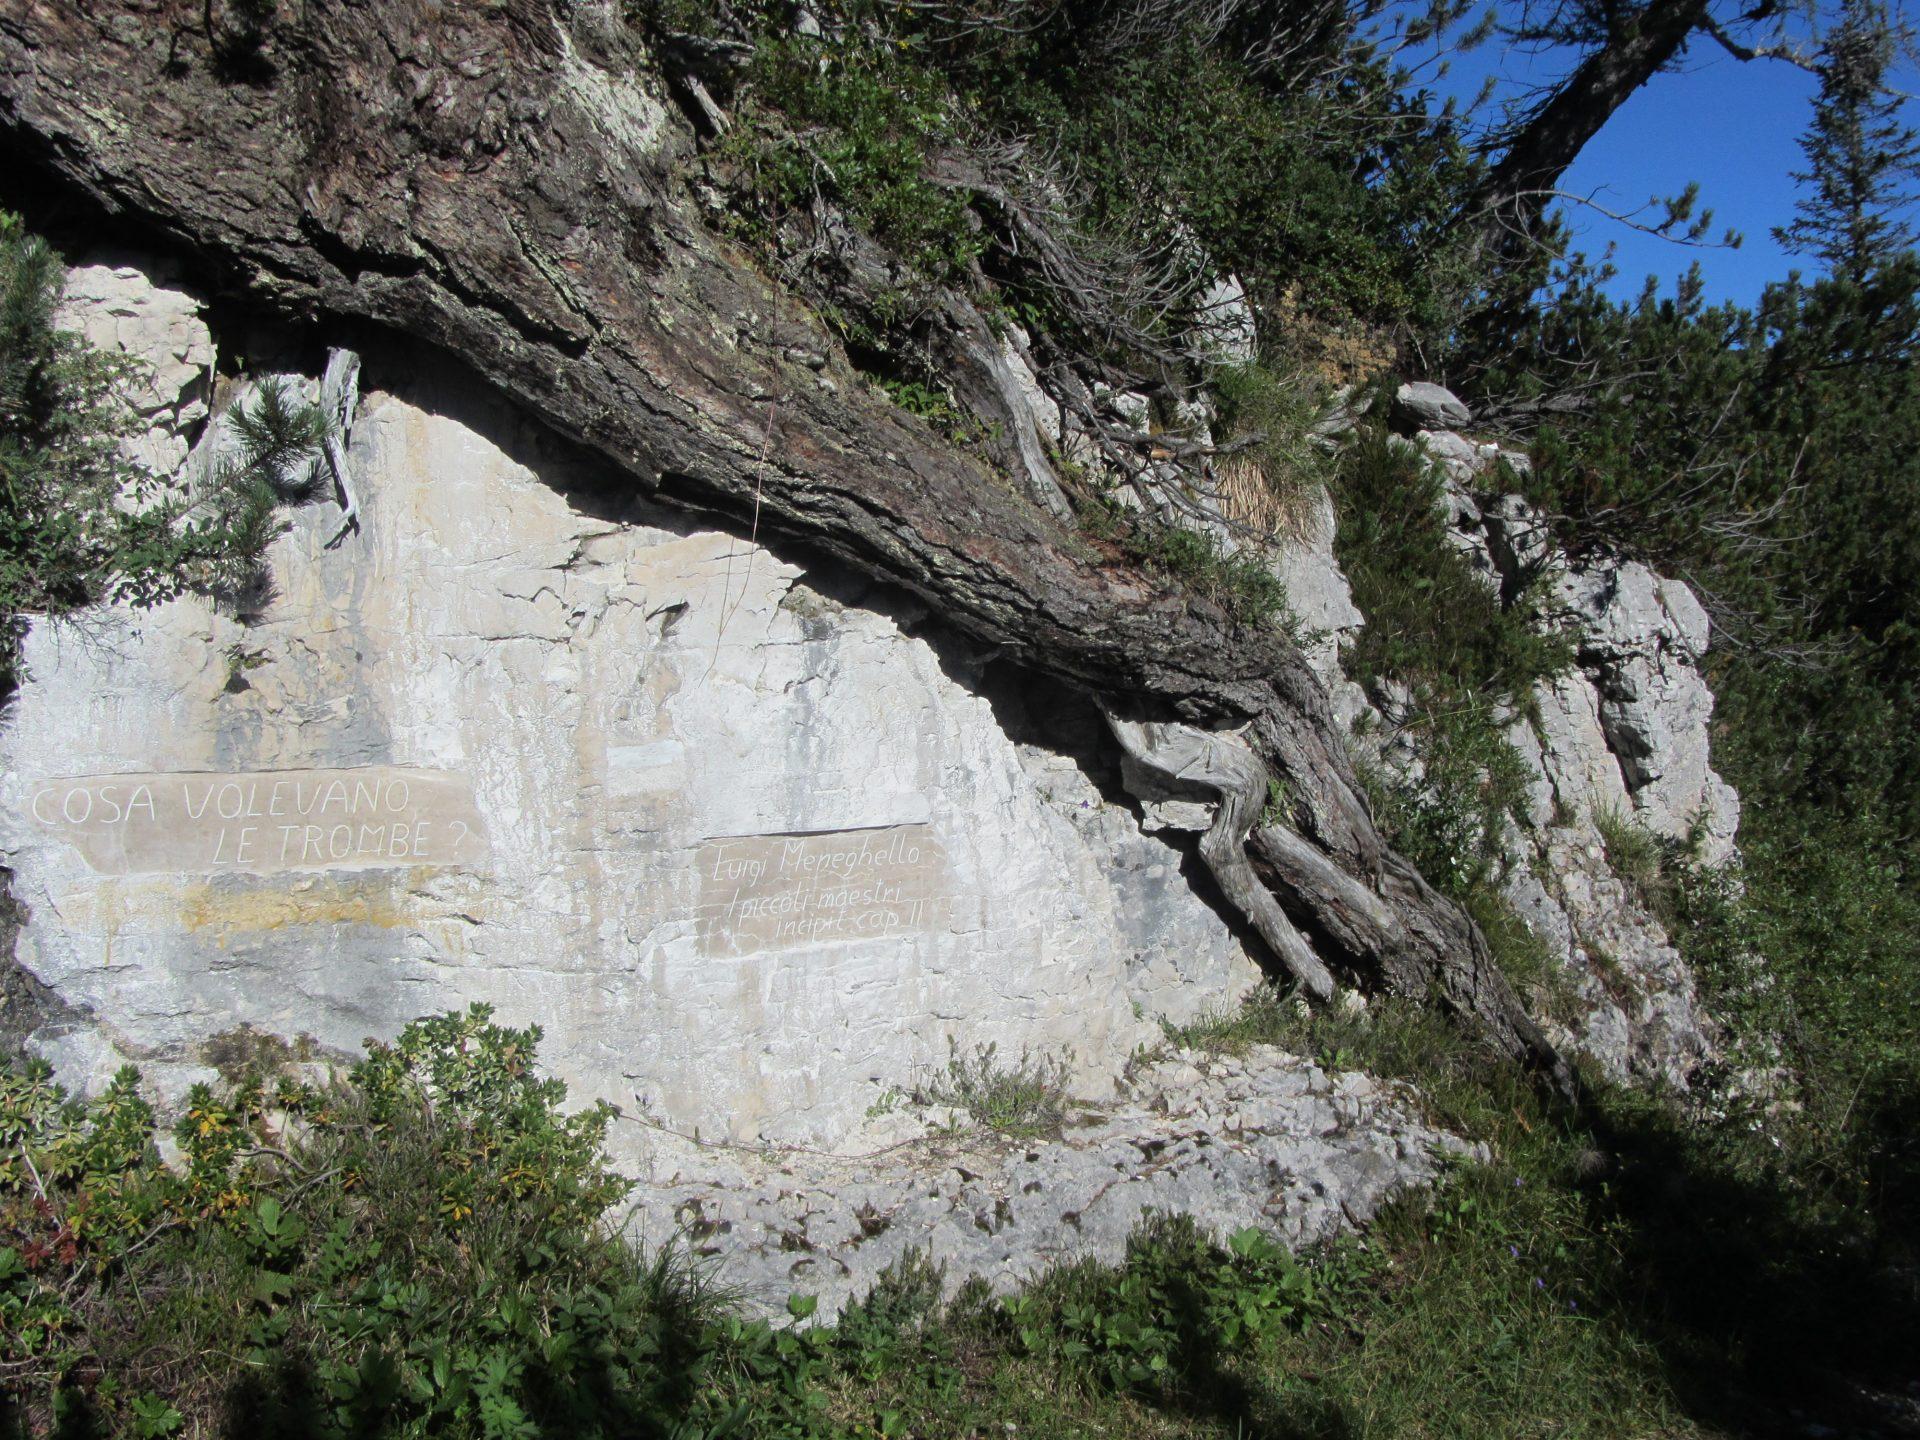 Incisione su roccia